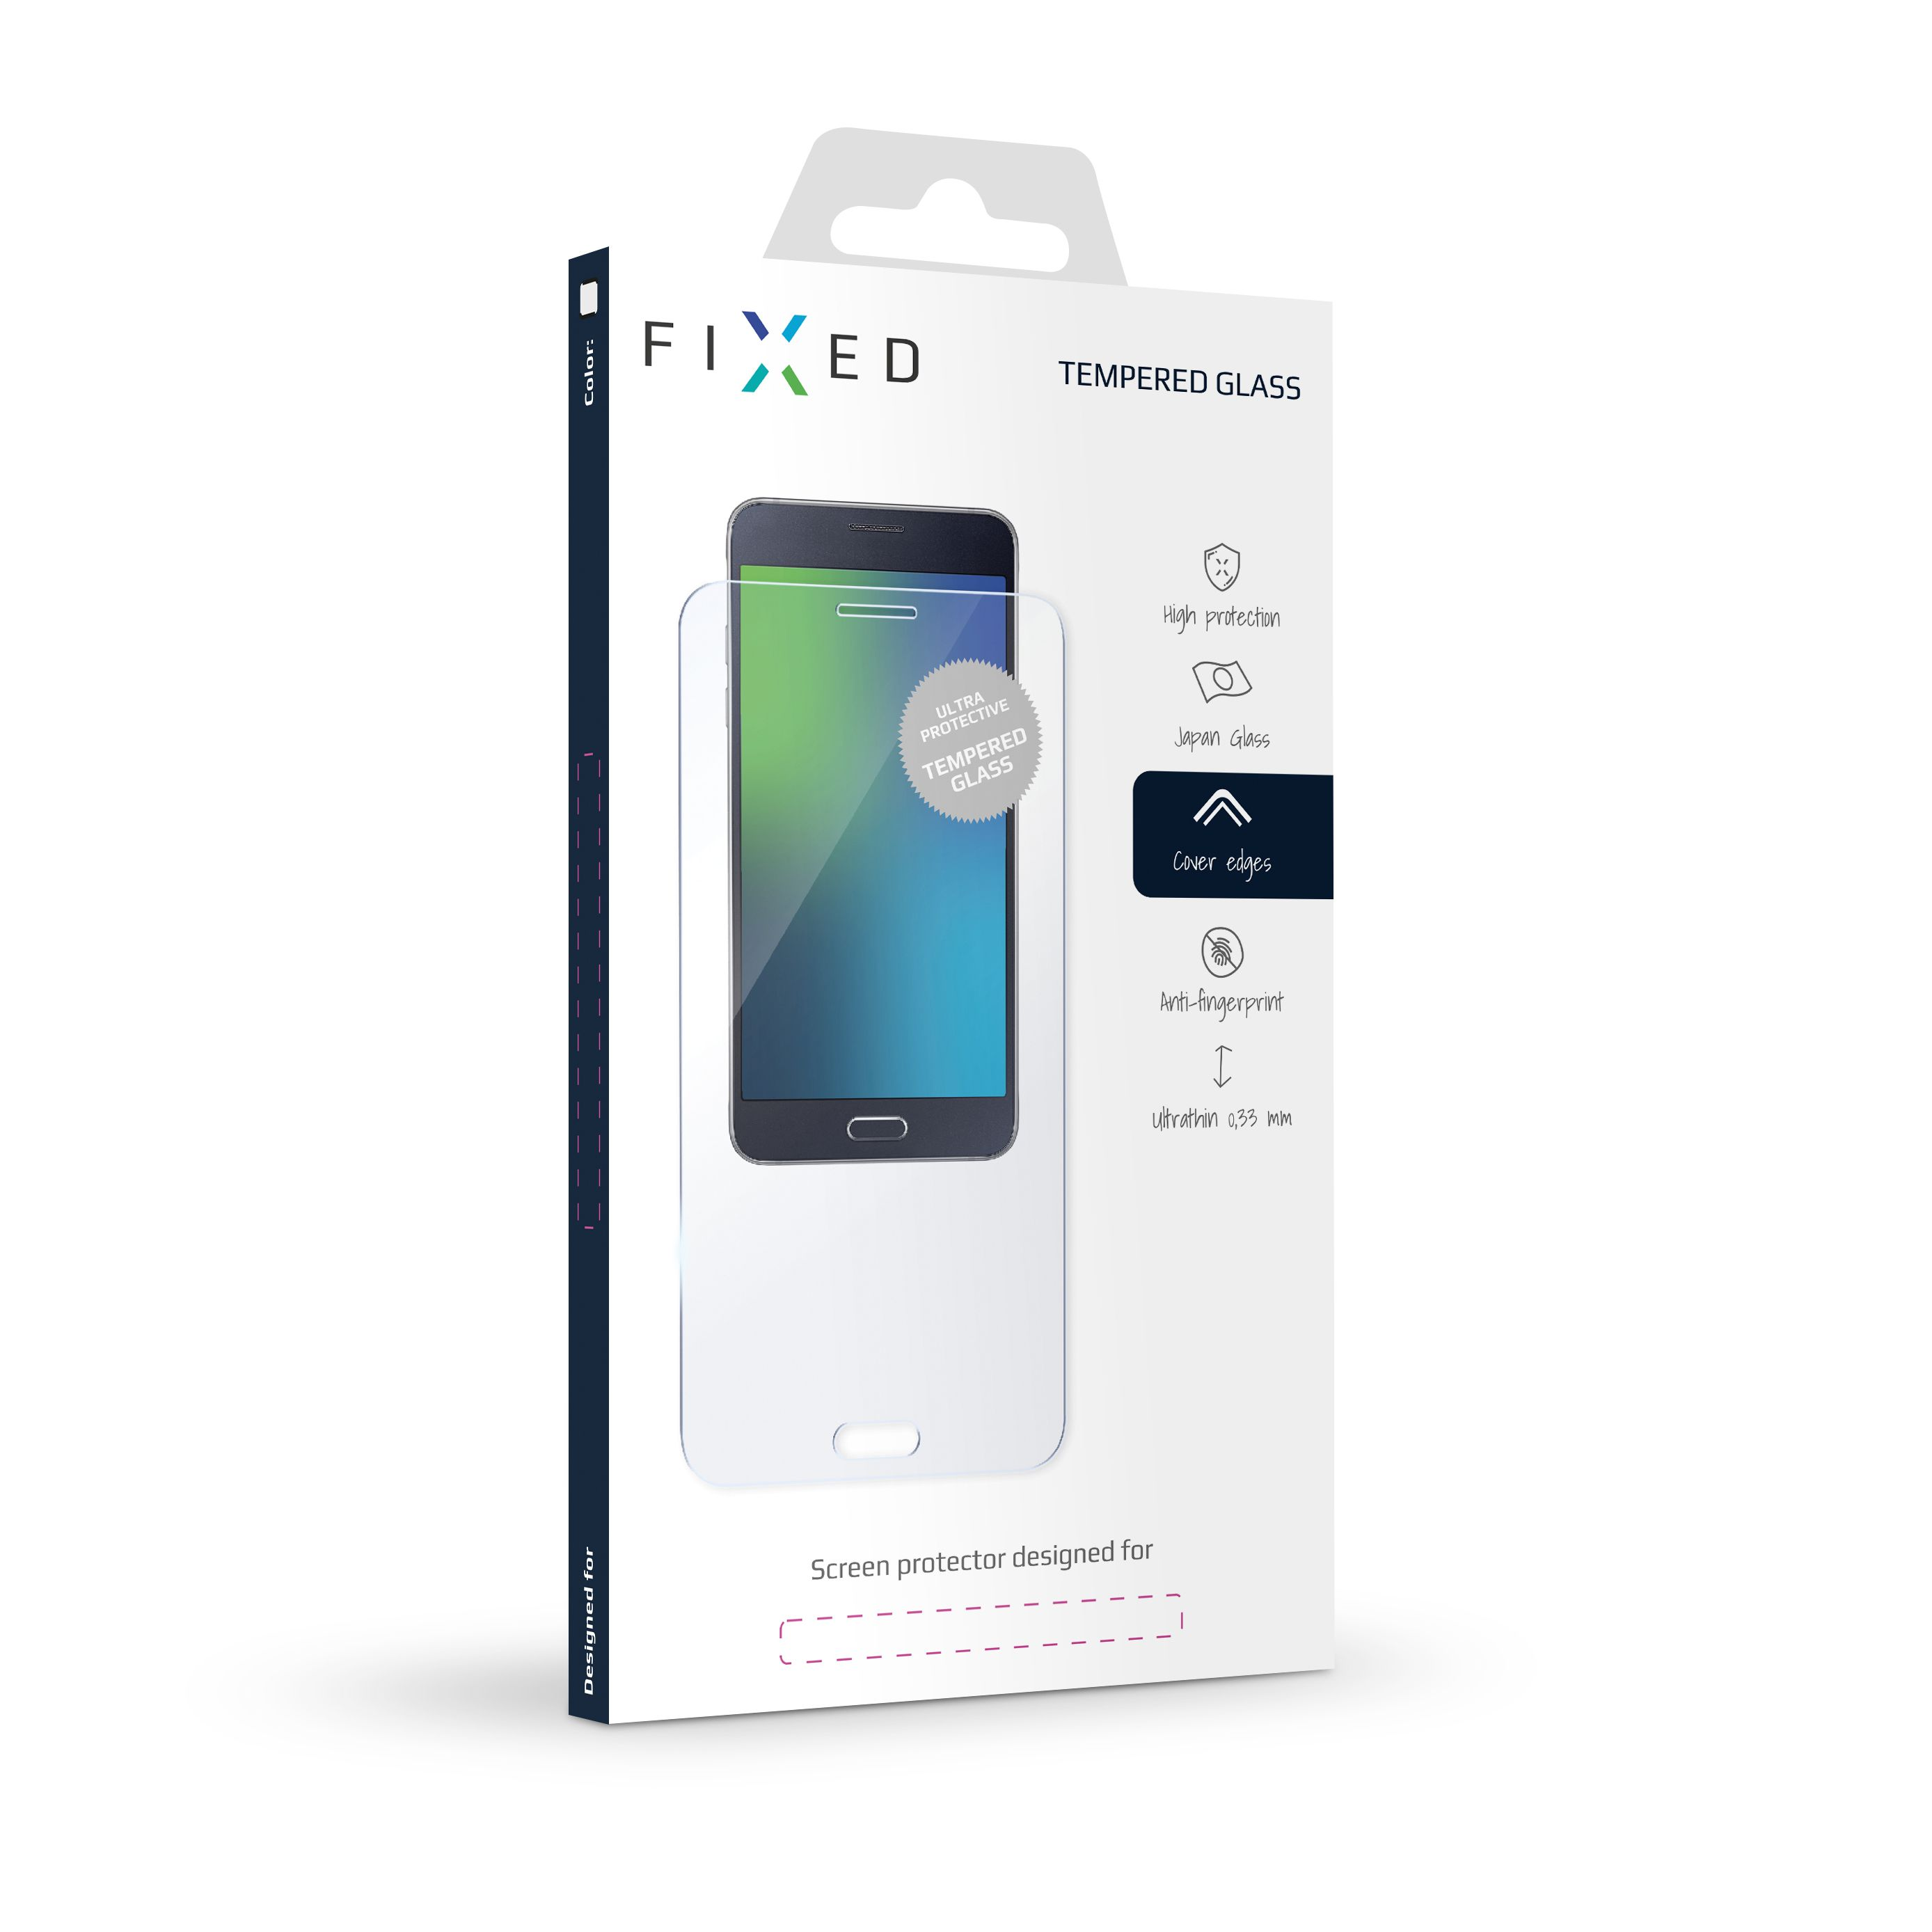 Tvrzené sklo FIXED pro Huawei Y6 Prime (2018)